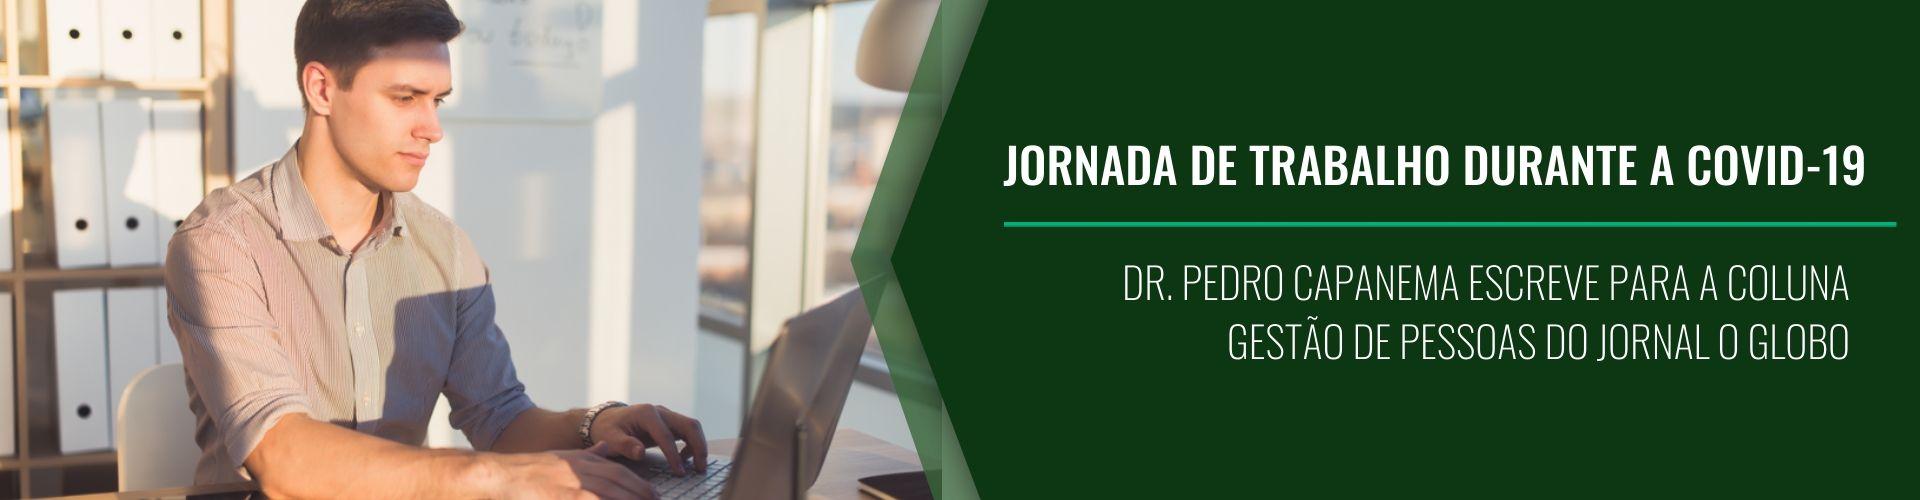 Dr. Pedro Capanema escreve para a Coluna Gestão de Pessoas do Jornal O Globo